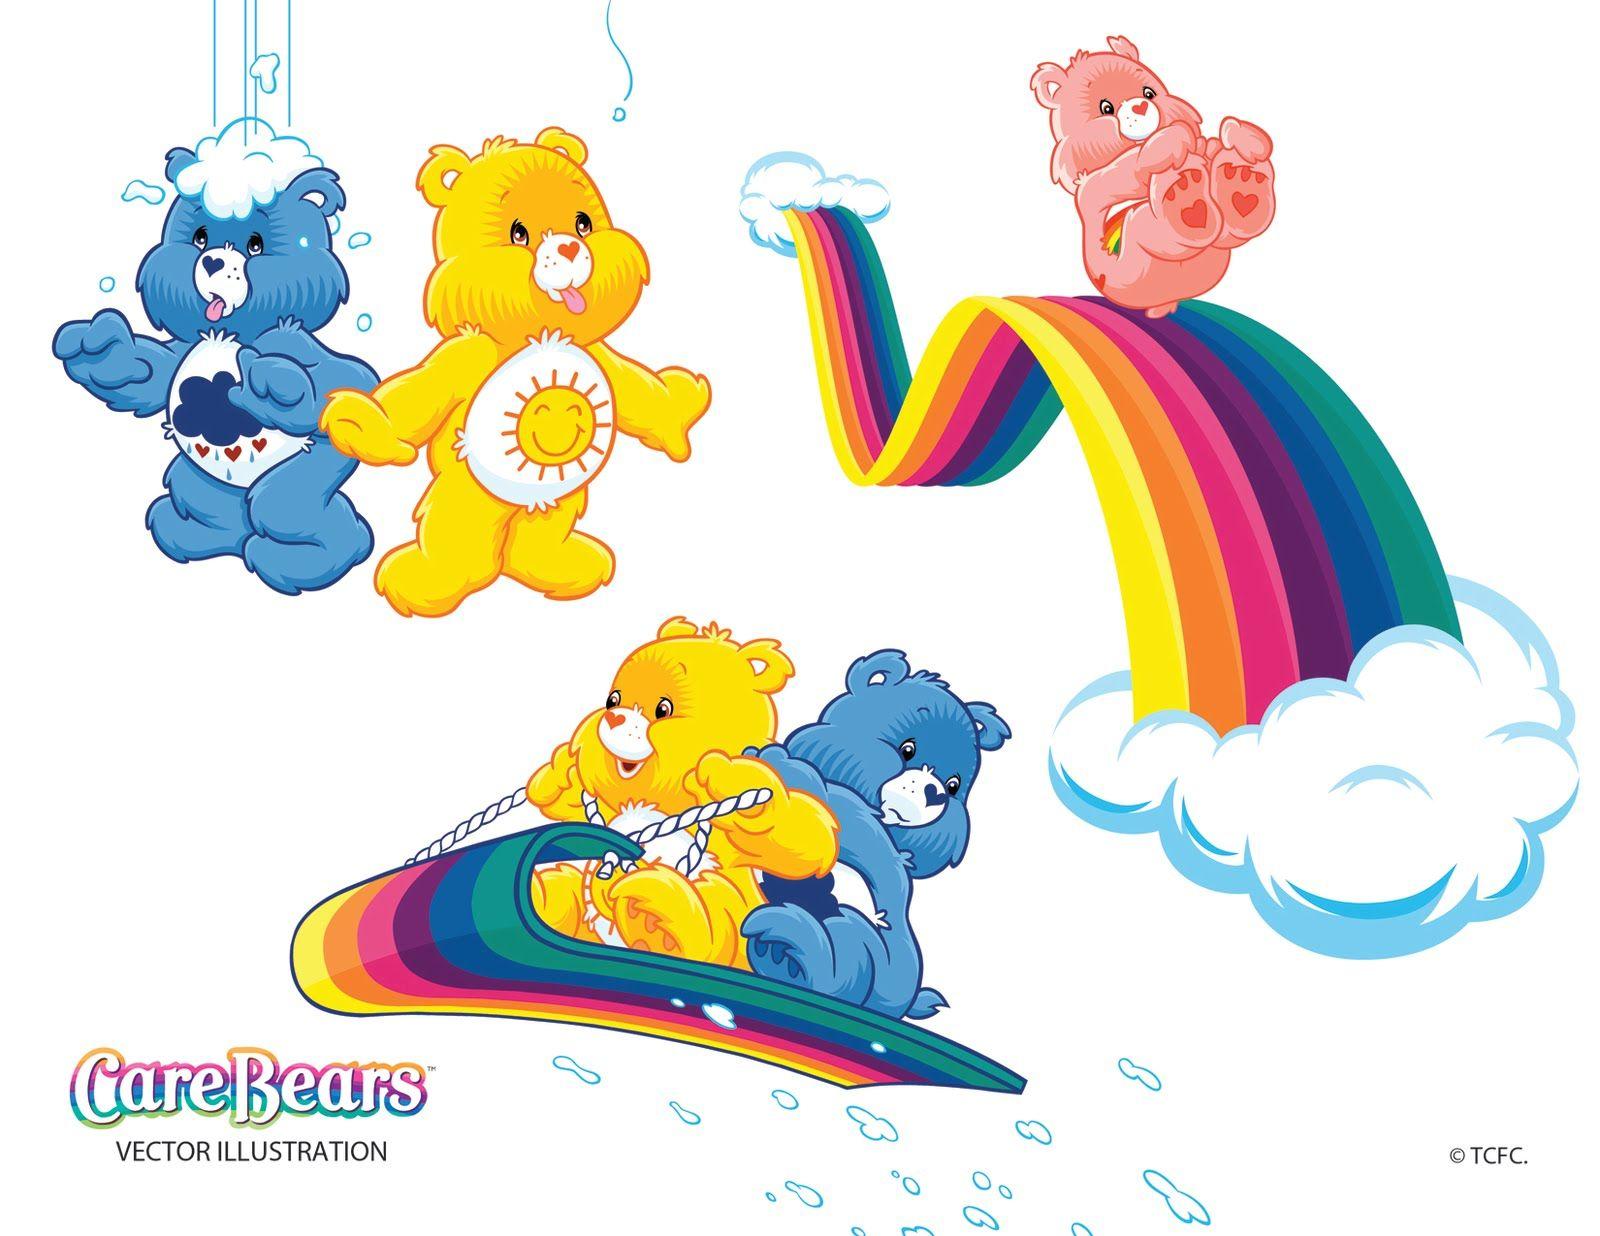 Glücksbärchis, Care bears, Bär